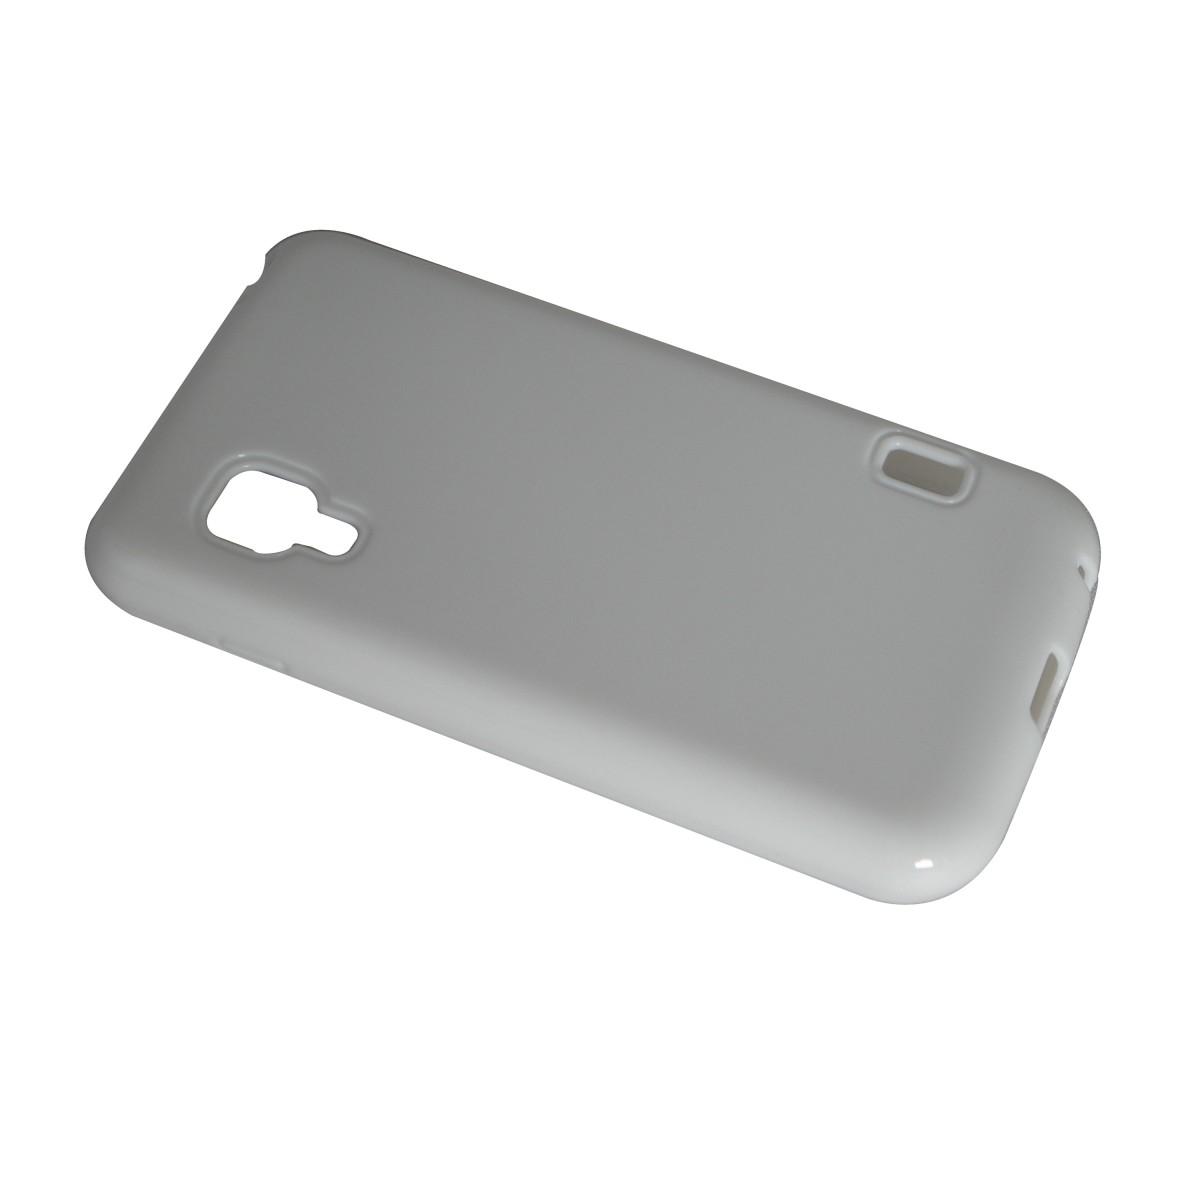 Capa de Tpu para LG Optimus II L5 E455 + Pelicula Branca